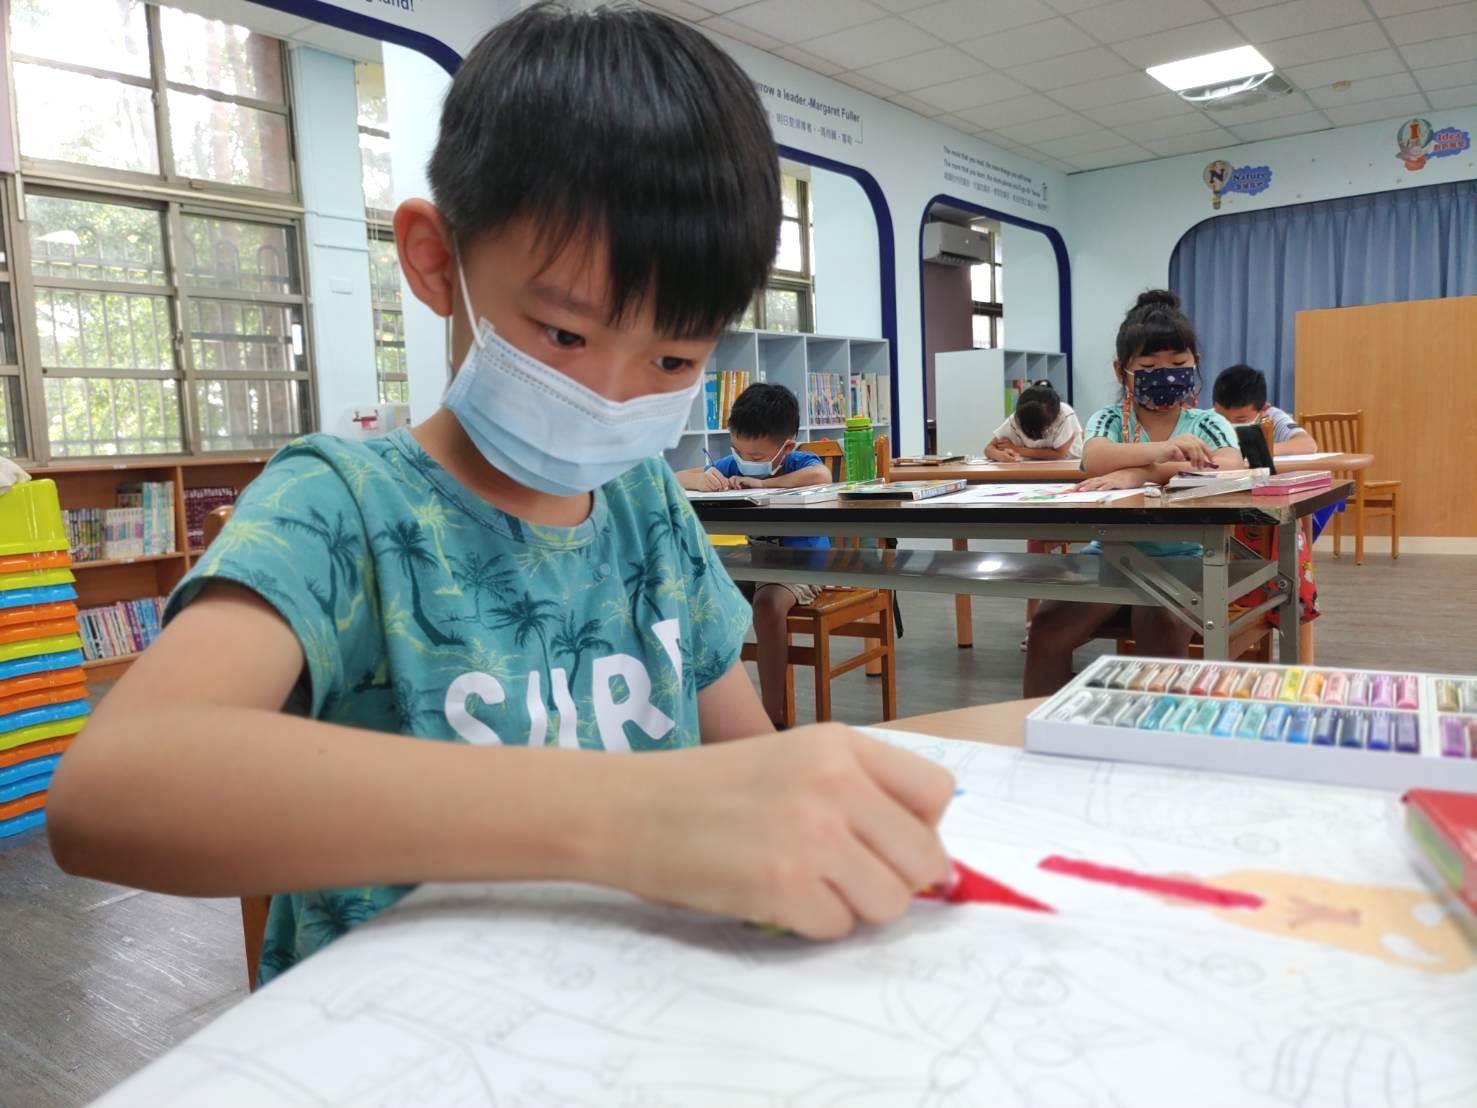 「以愛灌鈣」小小藝術家,凝聚全台力量,讓偏鄉孩子的創意才華被看見!